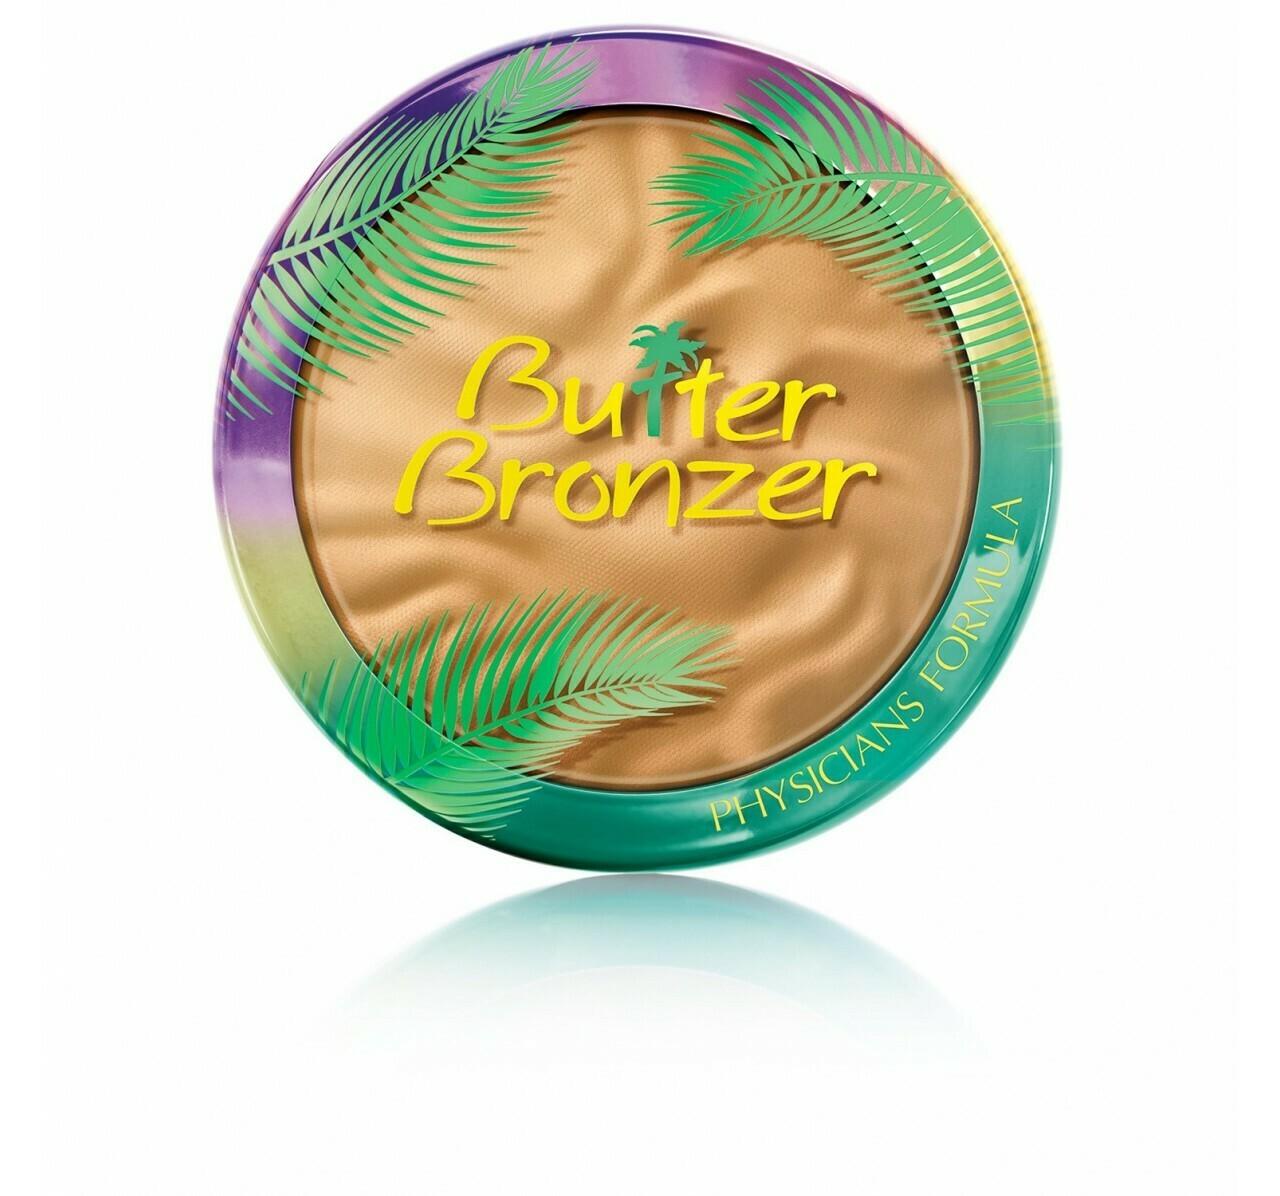 Physicians Formula Murumuru Butter Bronzer Sunkissed